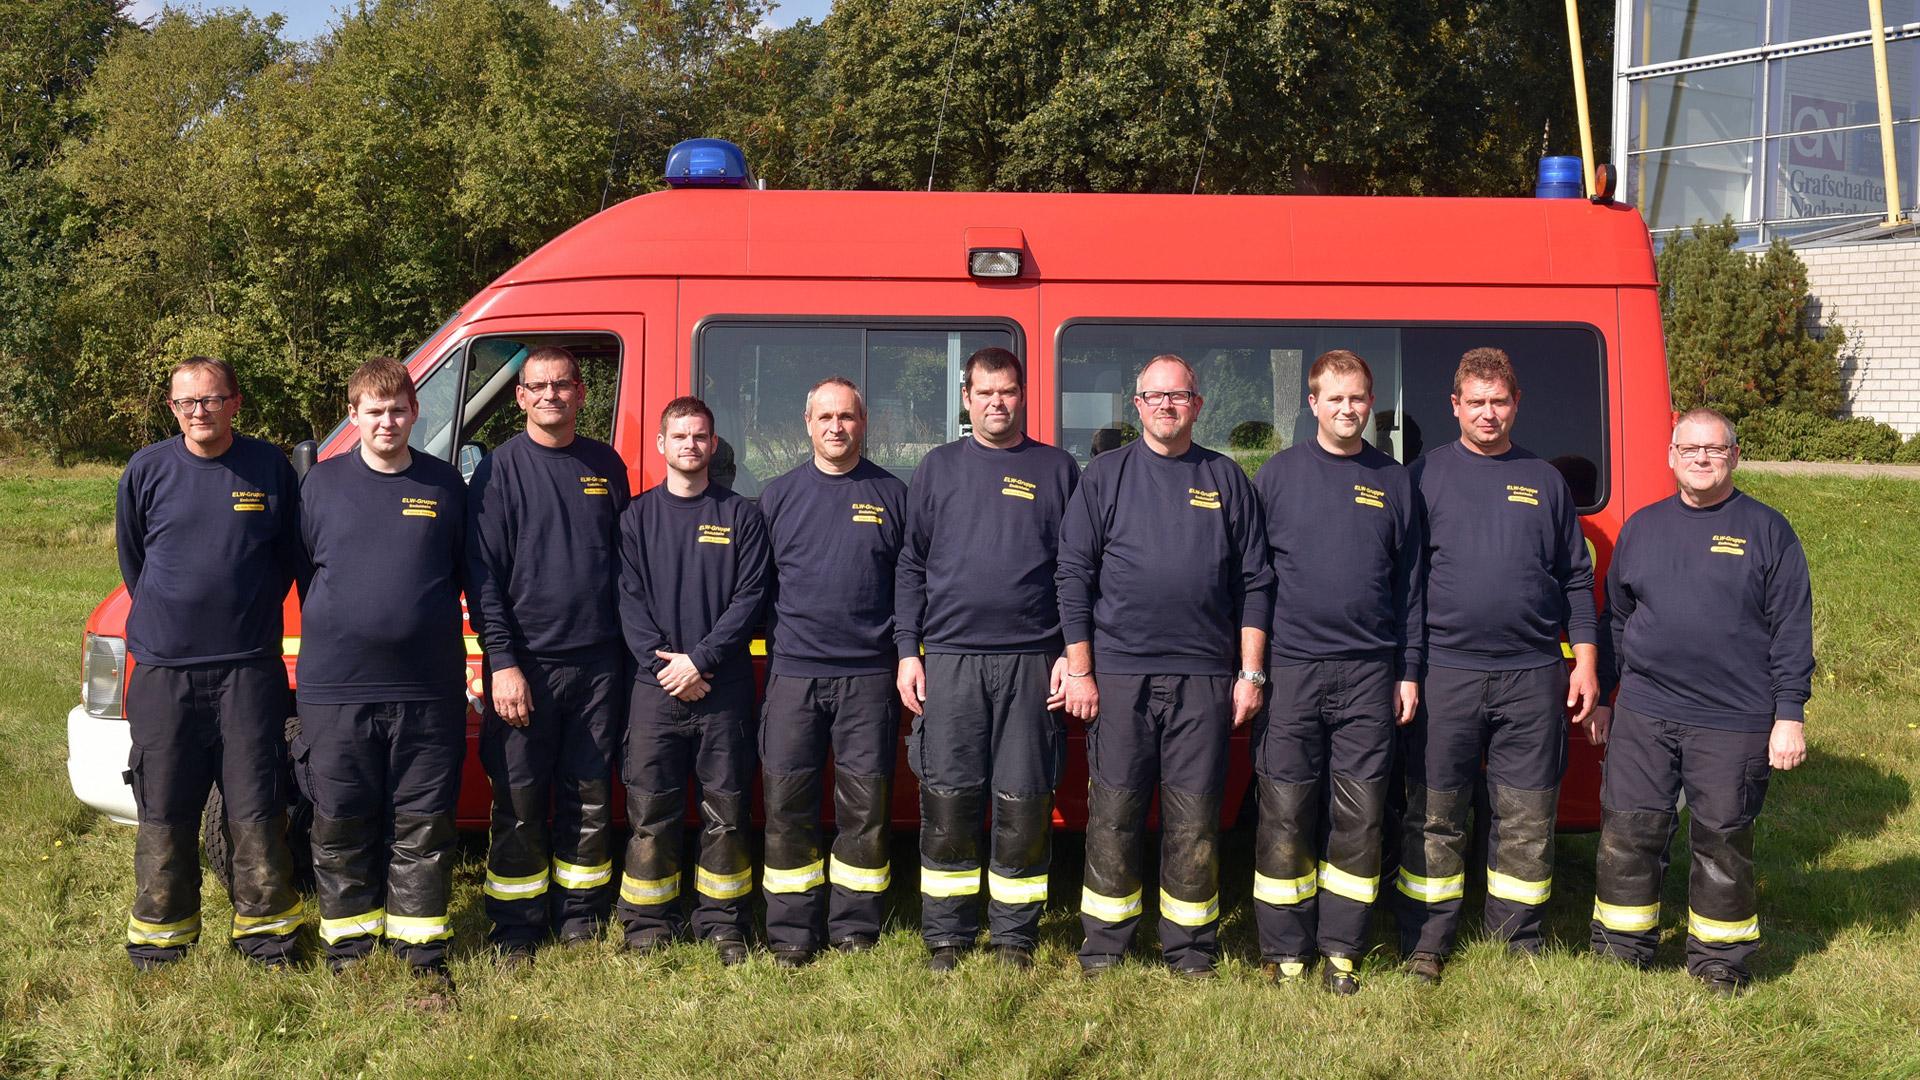 ELW Gruppe der Freiwilligen Feuerwehr Emlichheim